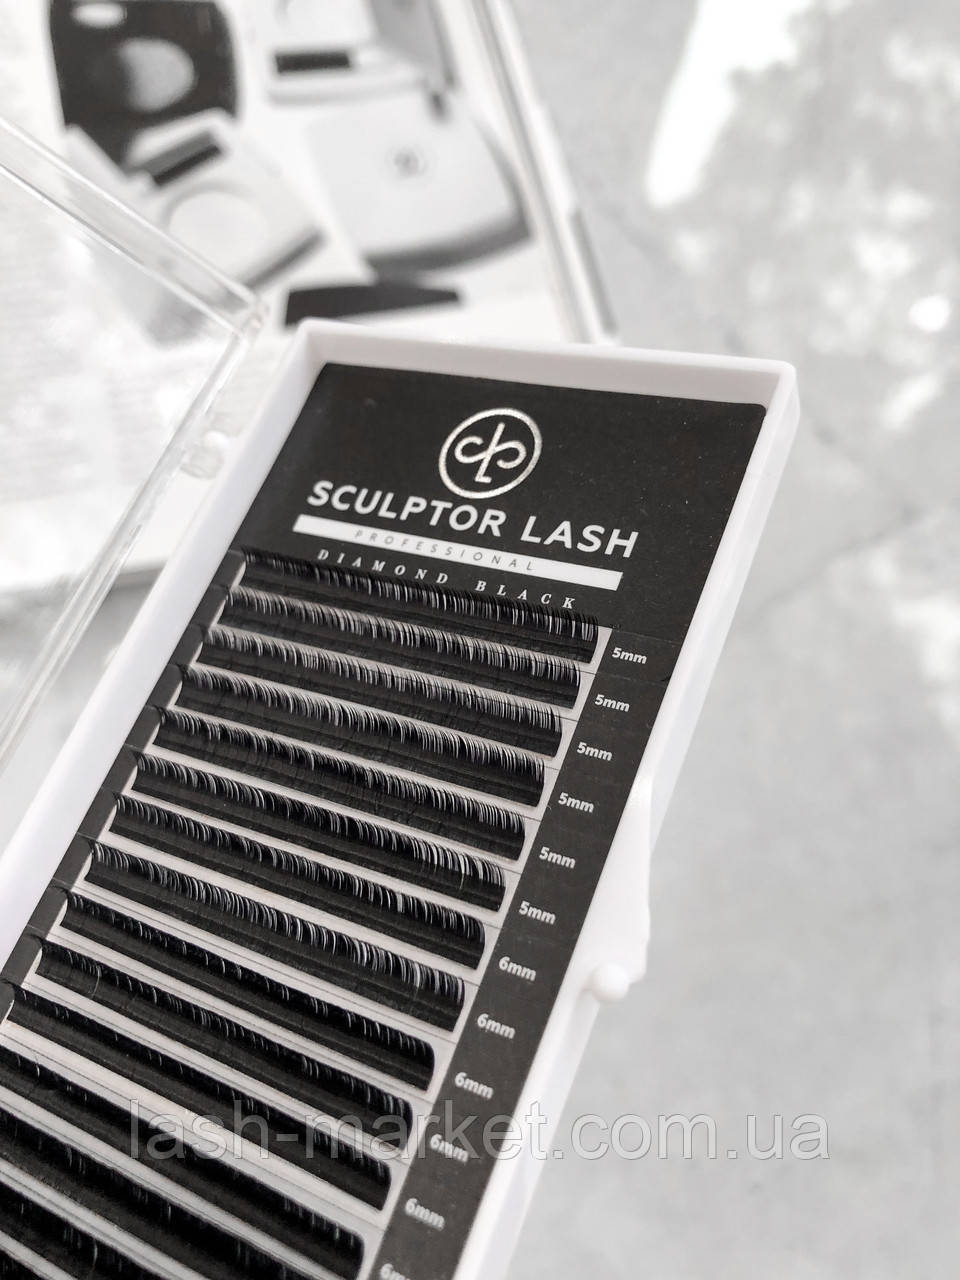 Вії ОТД ДОВЖИНА З 0.07 - 12 мм Sculptor Lash Diamond Black чорні(для нарощування вій)